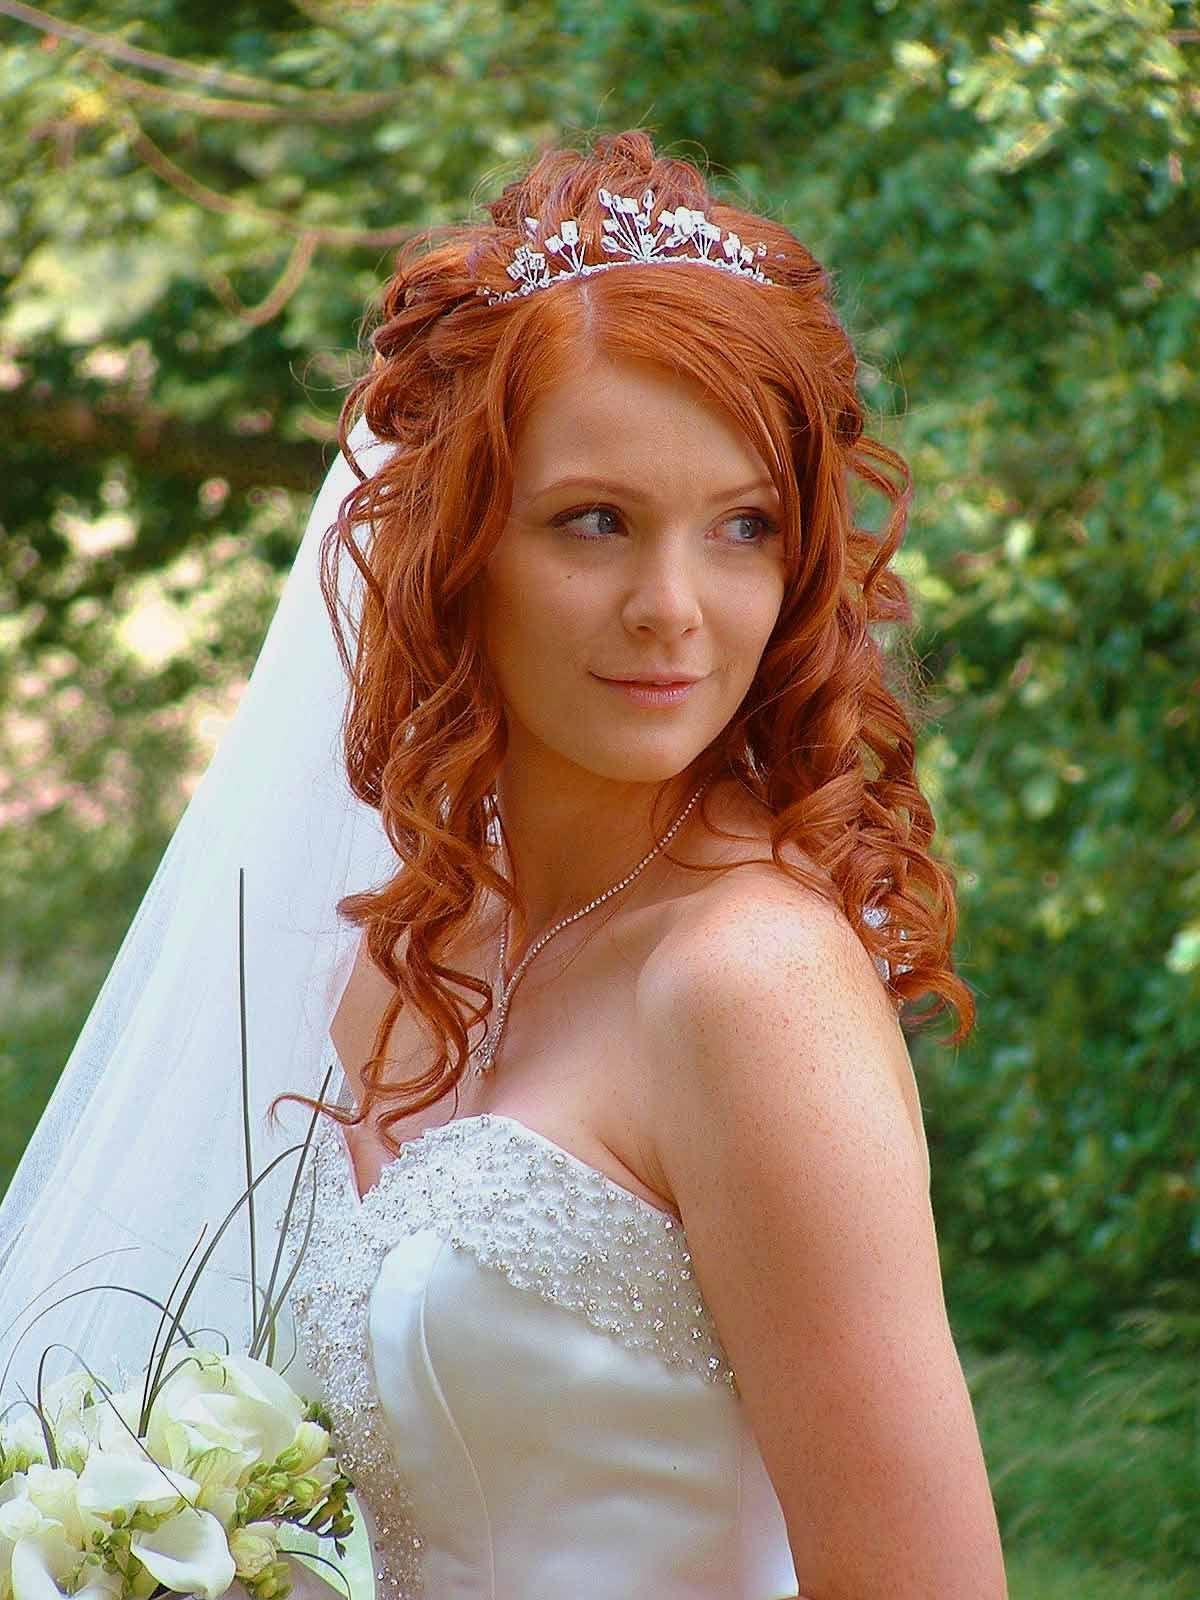 Bridal hairstyles wedding fashion elegant wedding hairstyles for